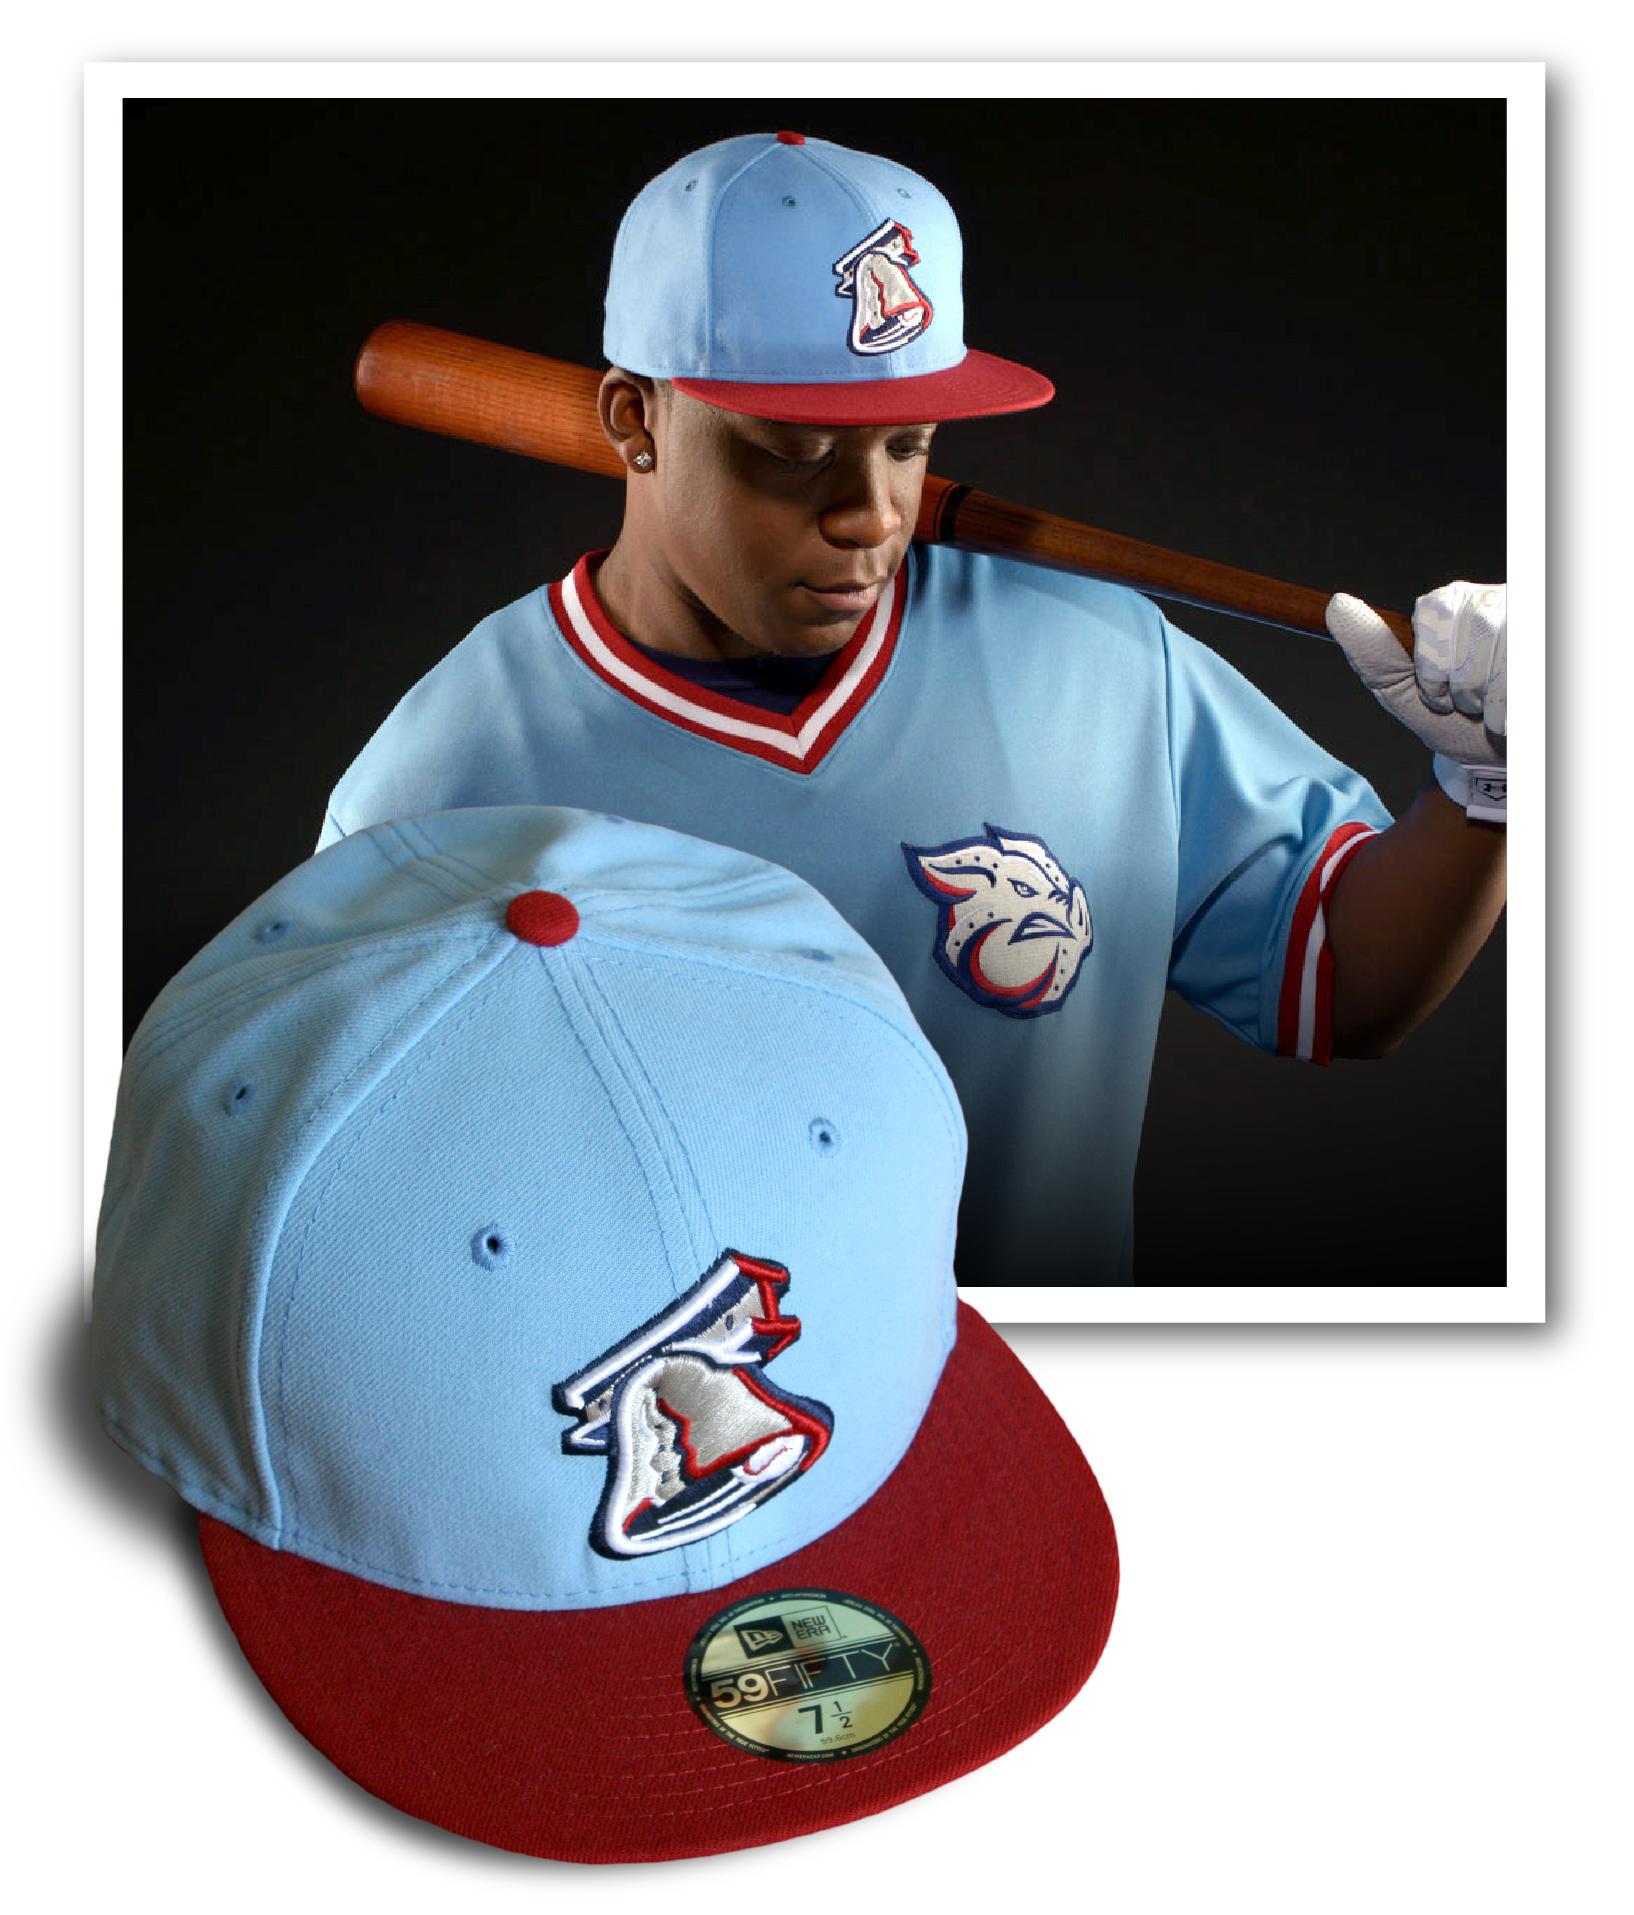 Lehigh-3-BallparkMagic_LibertyBell.png